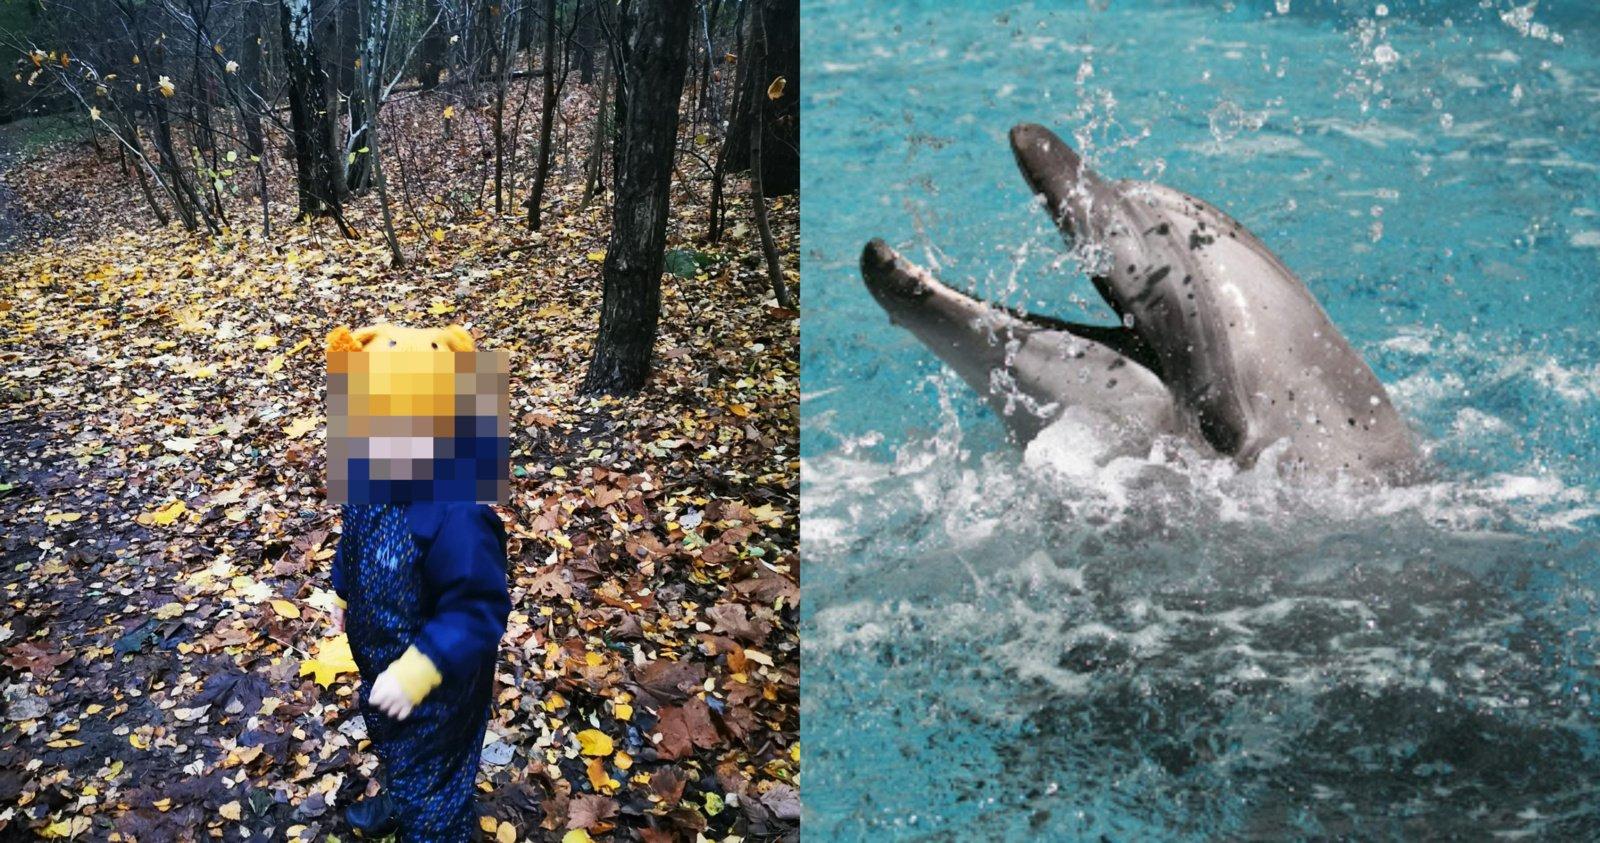 Neįgalų vaiką auginančios šeimos viltis – delfinų terapija: prašo prisidėti prie svajonės išpildymo